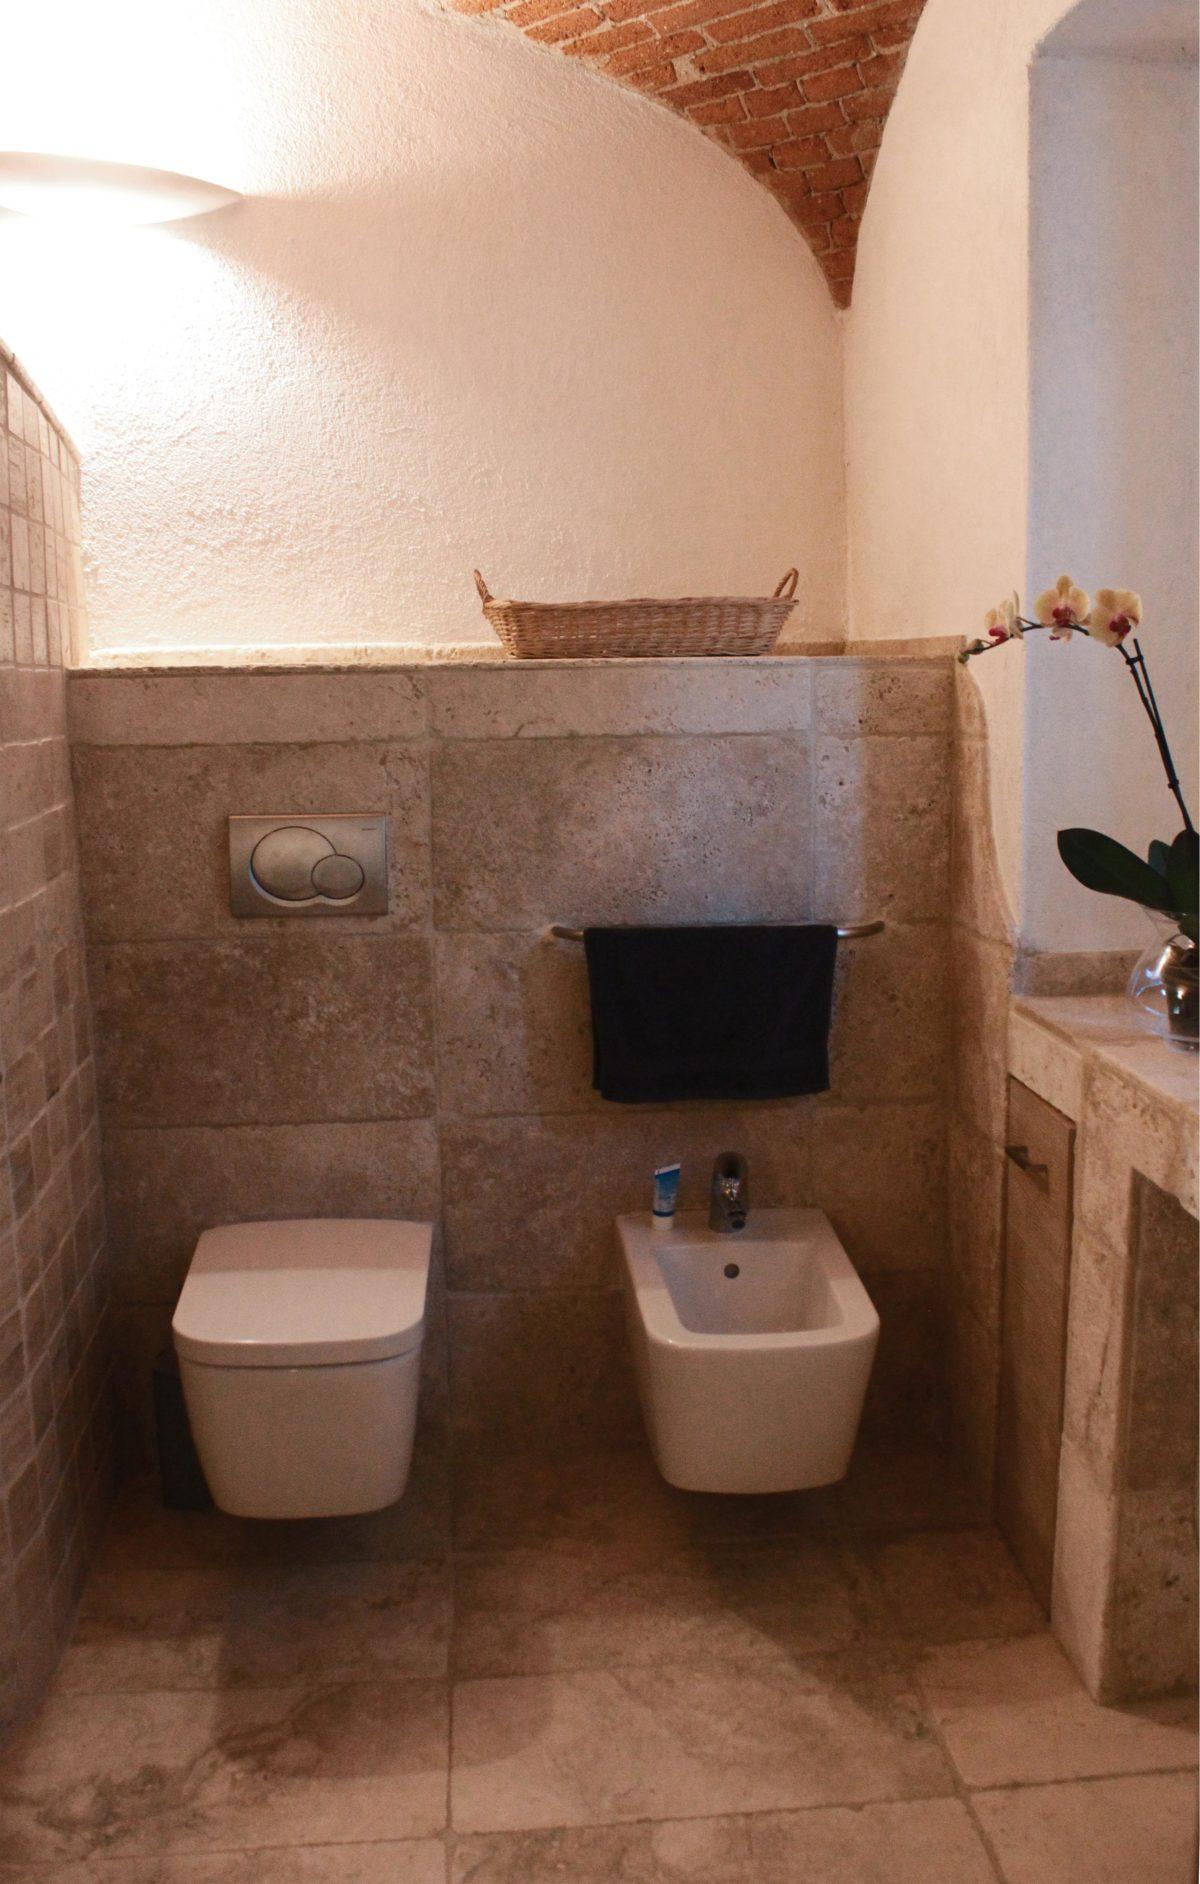 Alberto-Nisci-interior-designer-torino-bagno-1-e1474728870148